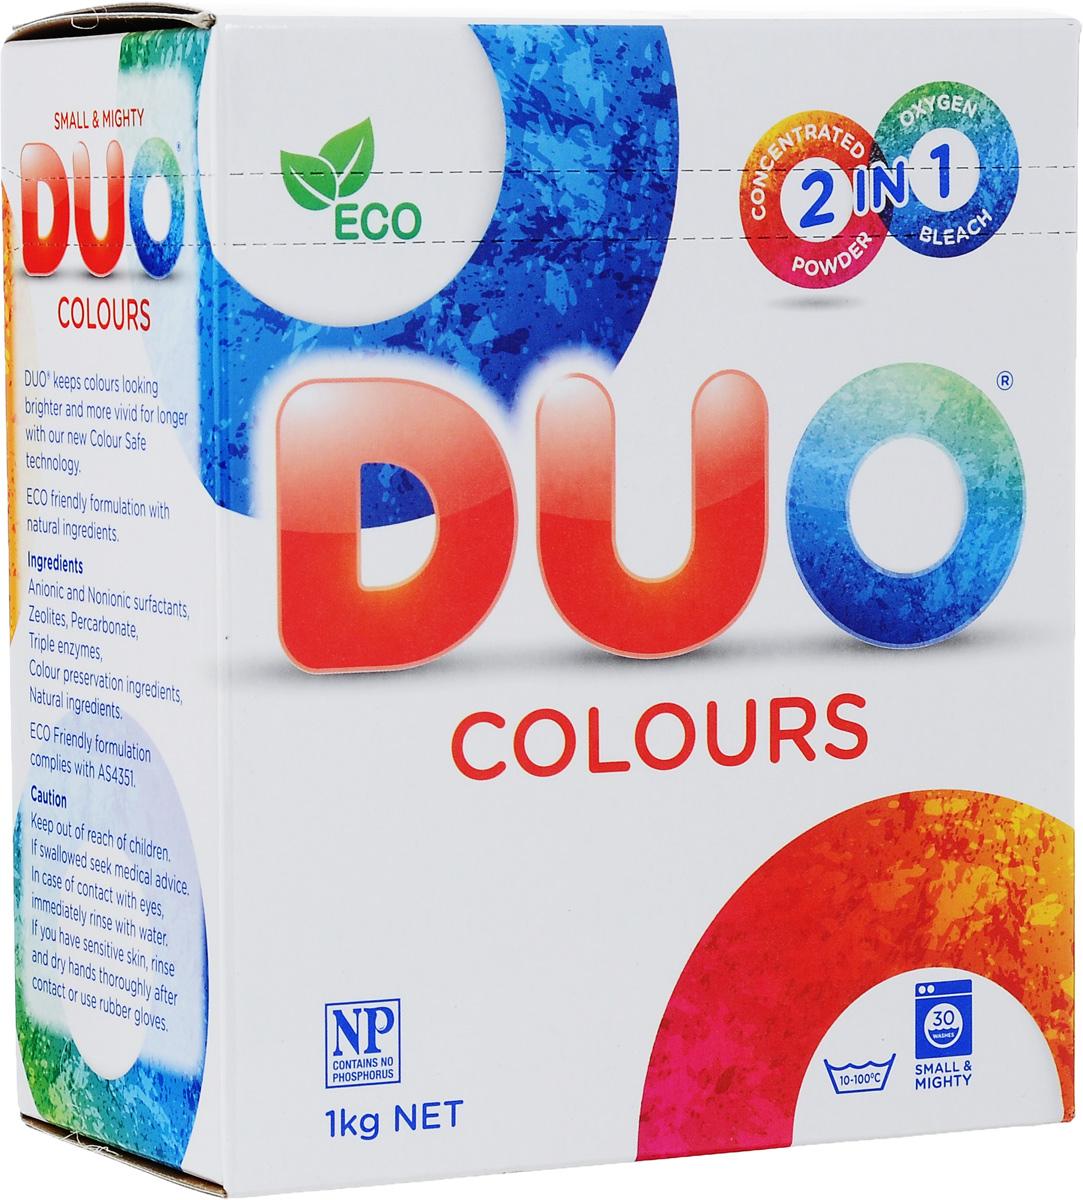 Стиральный порошок Duo Colours, для цветных и темных тканей, концентрированный, 1 кг14010Концентрированный стиральный порошок Duo Colours предназначен для стирки цветных и темных тканей. Двойная степень защиты цвета сохраняет все краски цветного и темного белья, защищает от ультрафиолета. Особенности порошка Reflect Colours: - обладает высокой моющей способностью в широком диапазоне температур (от 10°C до 100°C), - предупреждает образование накипи на водонагревательном элементе, - обладает дезинфицирующими свойствами, устраняет неприятные запахи, - удаляет пятна и загрязнения различного происхождения, не повреждая структуру ткани, - гипоаллергенный, на основе биоразлагаемых компонентов, - экологически чистый, не содержит форфатов, хлора и отдушек, - подходит для всех типов ткани, кроме шерсти, пуха и натурального шелка, - универсальный - для машинной и ручной стирки. Товар сертифицирован.